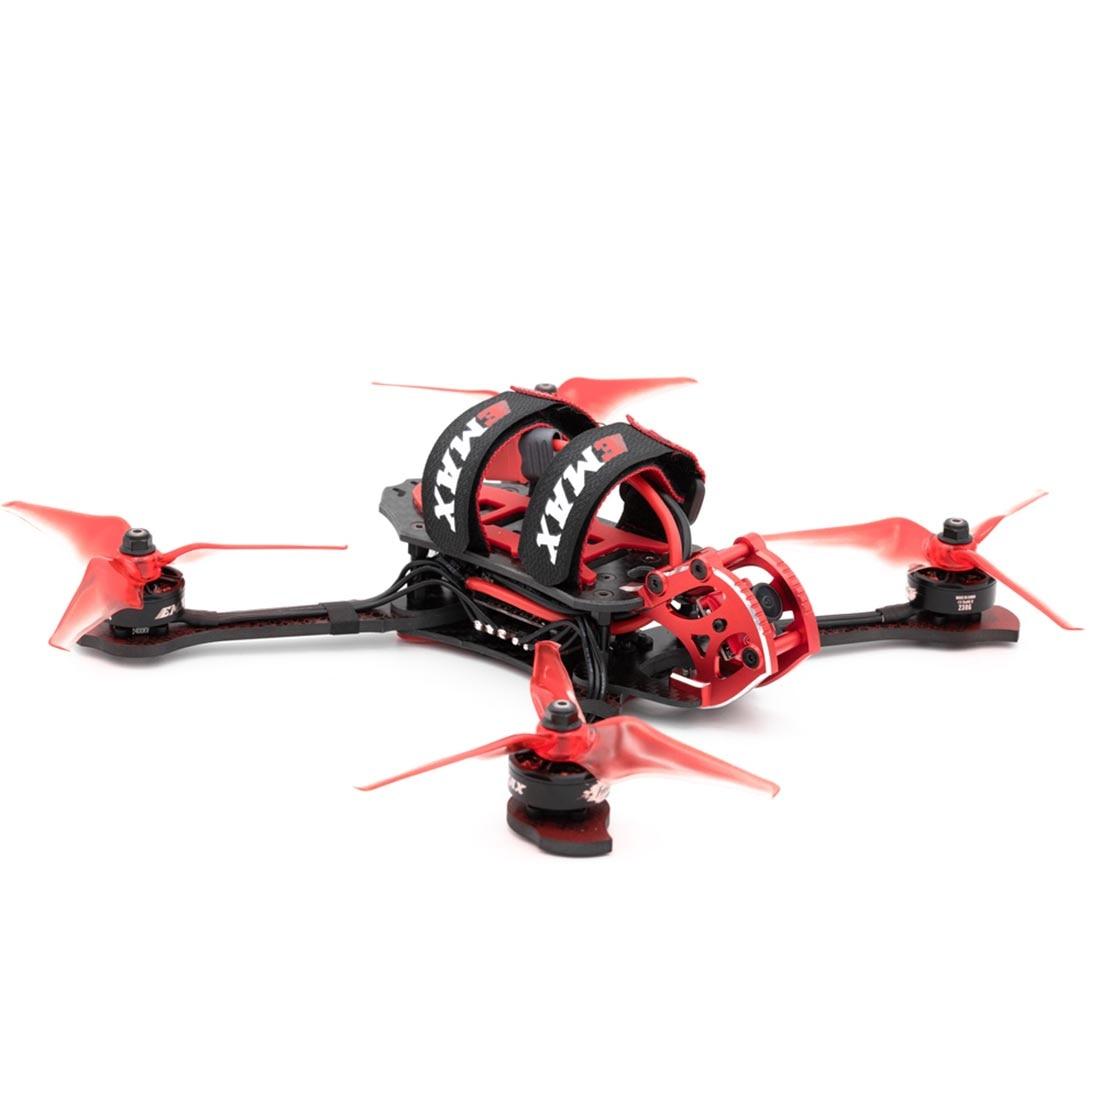 Emax Buzz/5 Pollici/245 millimetri F4 1700KV 5-6 S/2400KV 4 4S FPV da corsa Drone Fotocamera PNP/BNF w XM + Ricevitore per Freestyle QuadcopterEmax Buzz/5 Pollici/245 millimetri F4 1700KV 5-6 S/2400KV 4 4S FPV da corsa Drone Fotocamera PNP/BNF w XM + Ricevitore per Freestyle Quadcopter